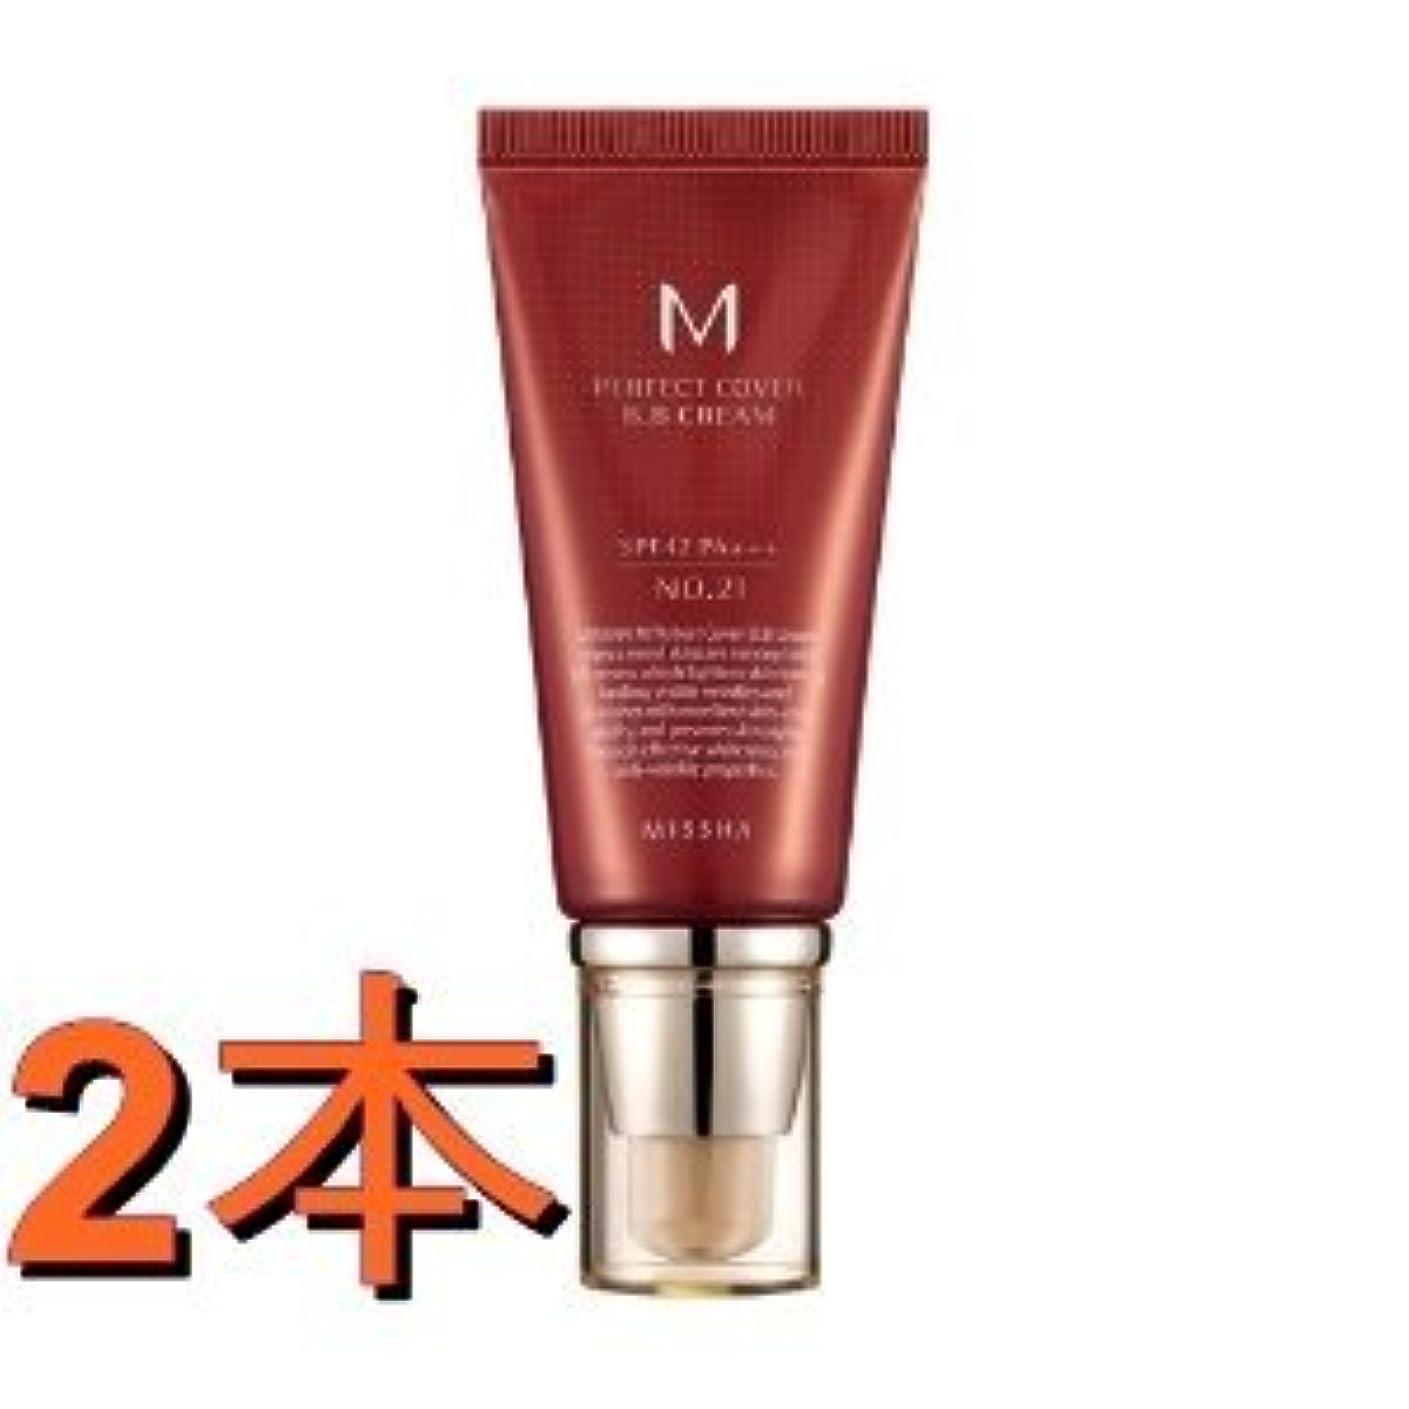 付与回復する民族主義ミシャ(MISSHA) M パーフェクトカバー BB クリーム 2本セット NO.23 (ナチュラルでおちつきのある肌色) SPF42 PA++ 50ml[並行輸入品]